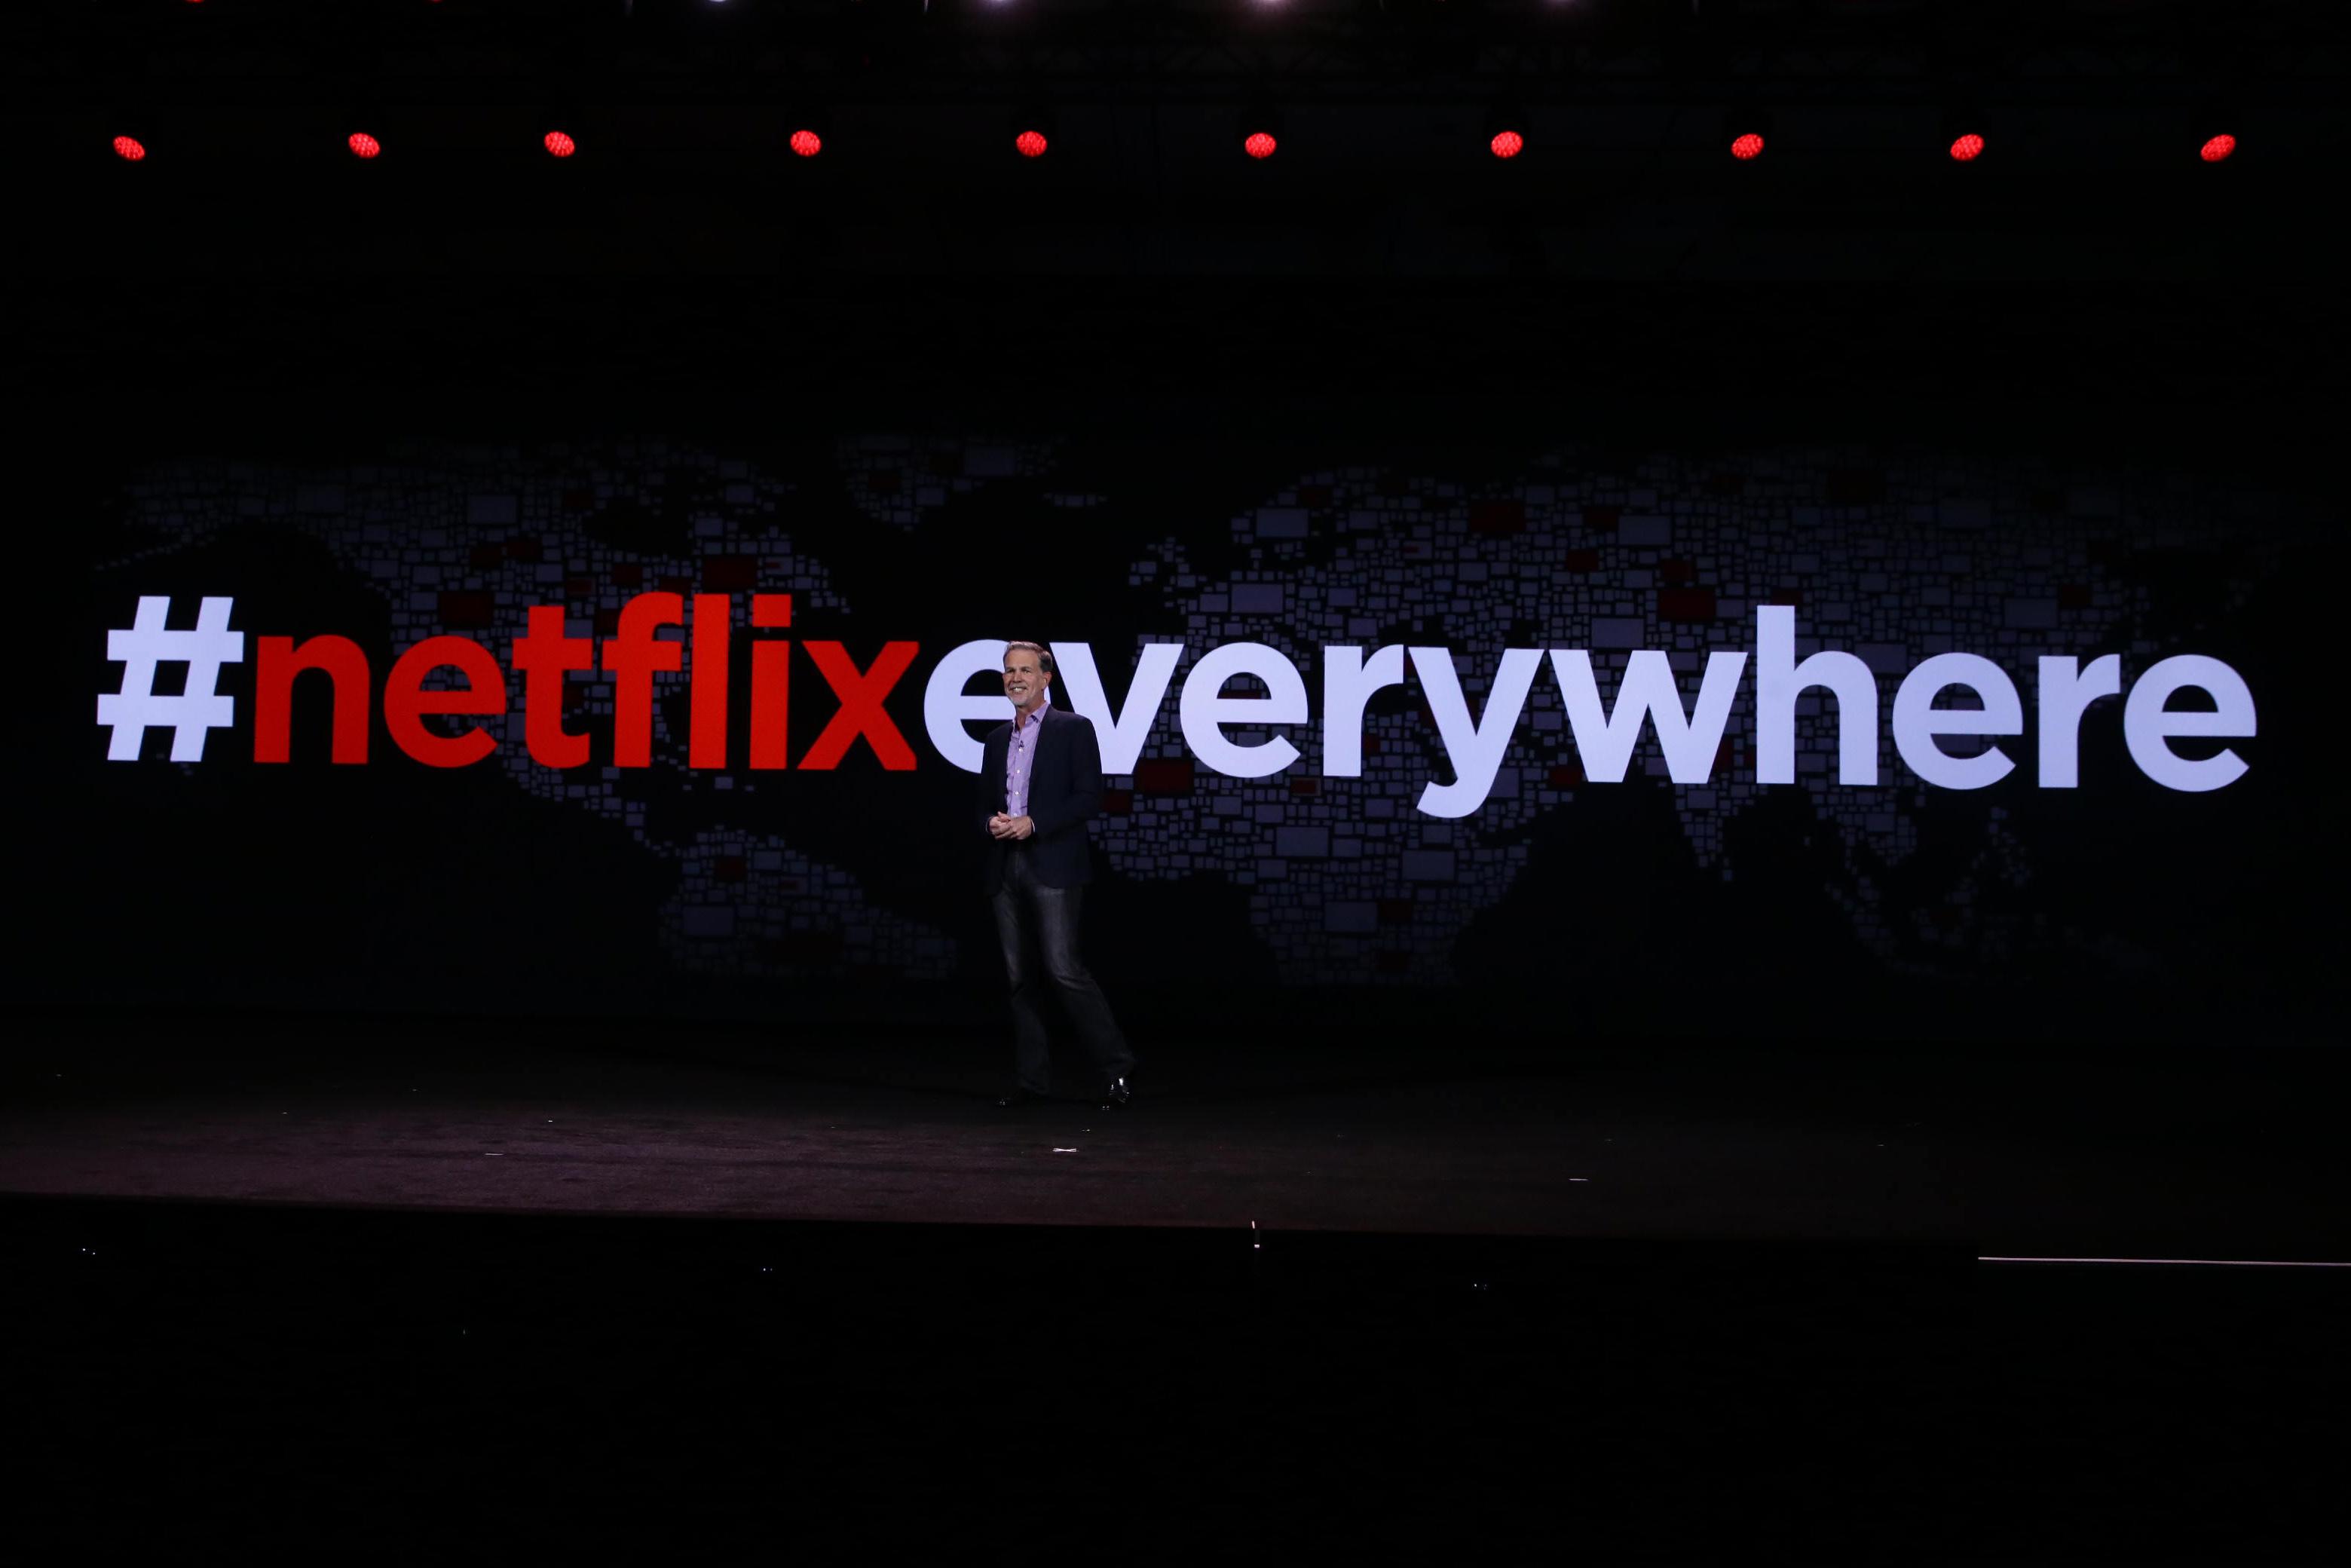 netflix-eveywhere